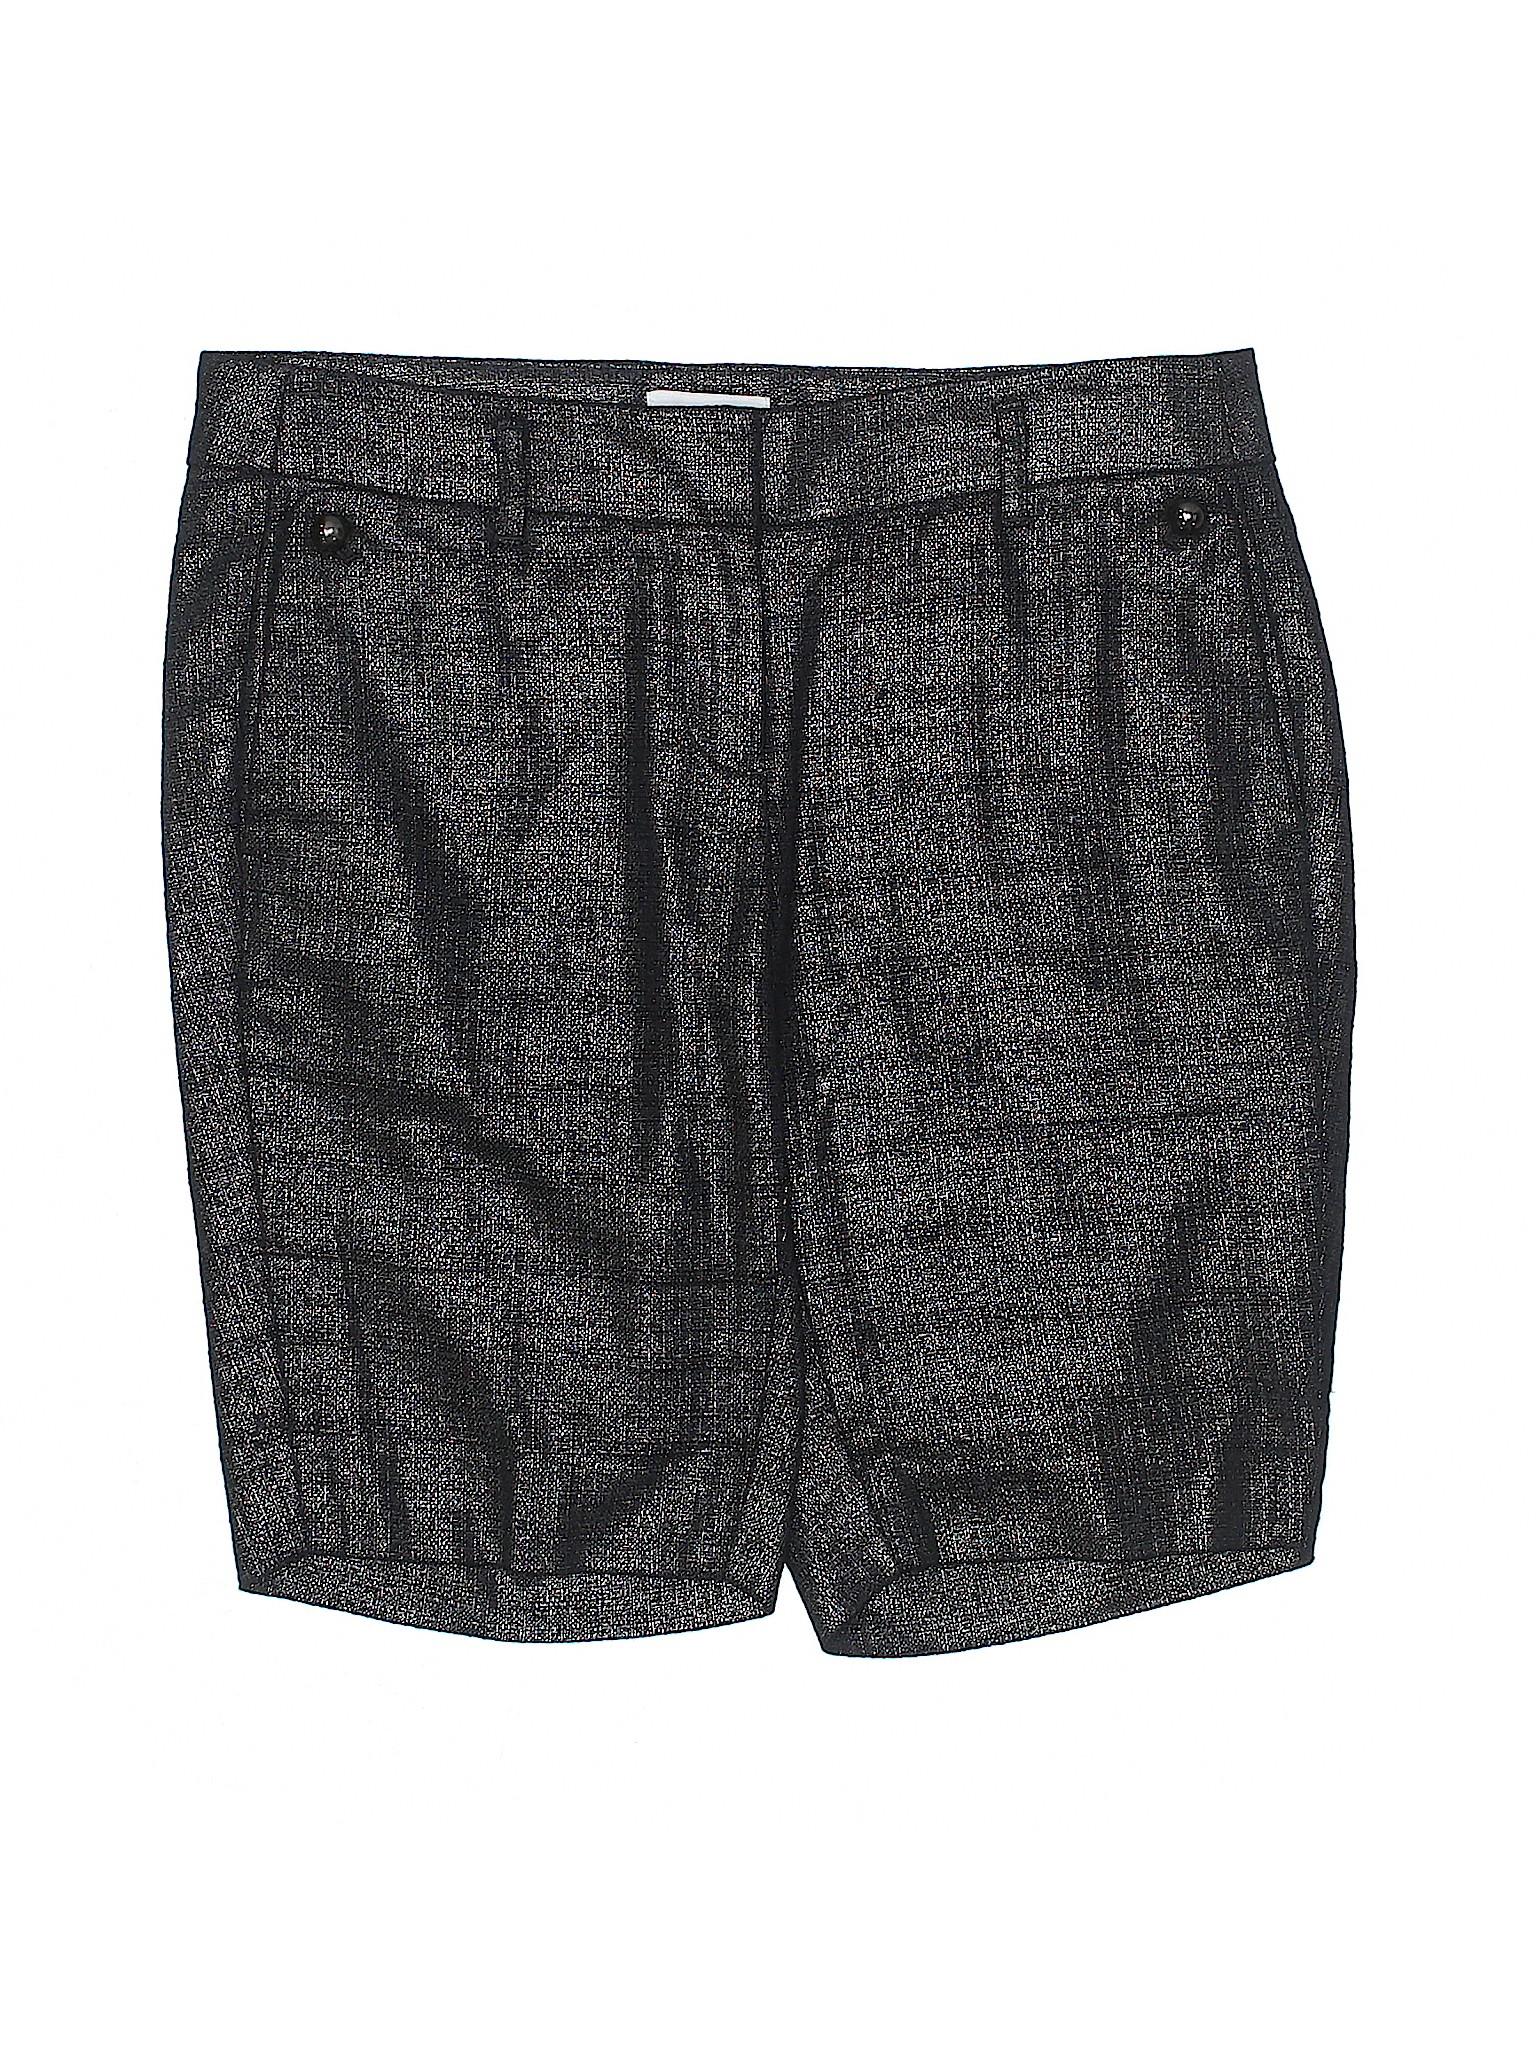 Ann Boutique LOFT Khaki Taylor Shorts XB7wqZ7